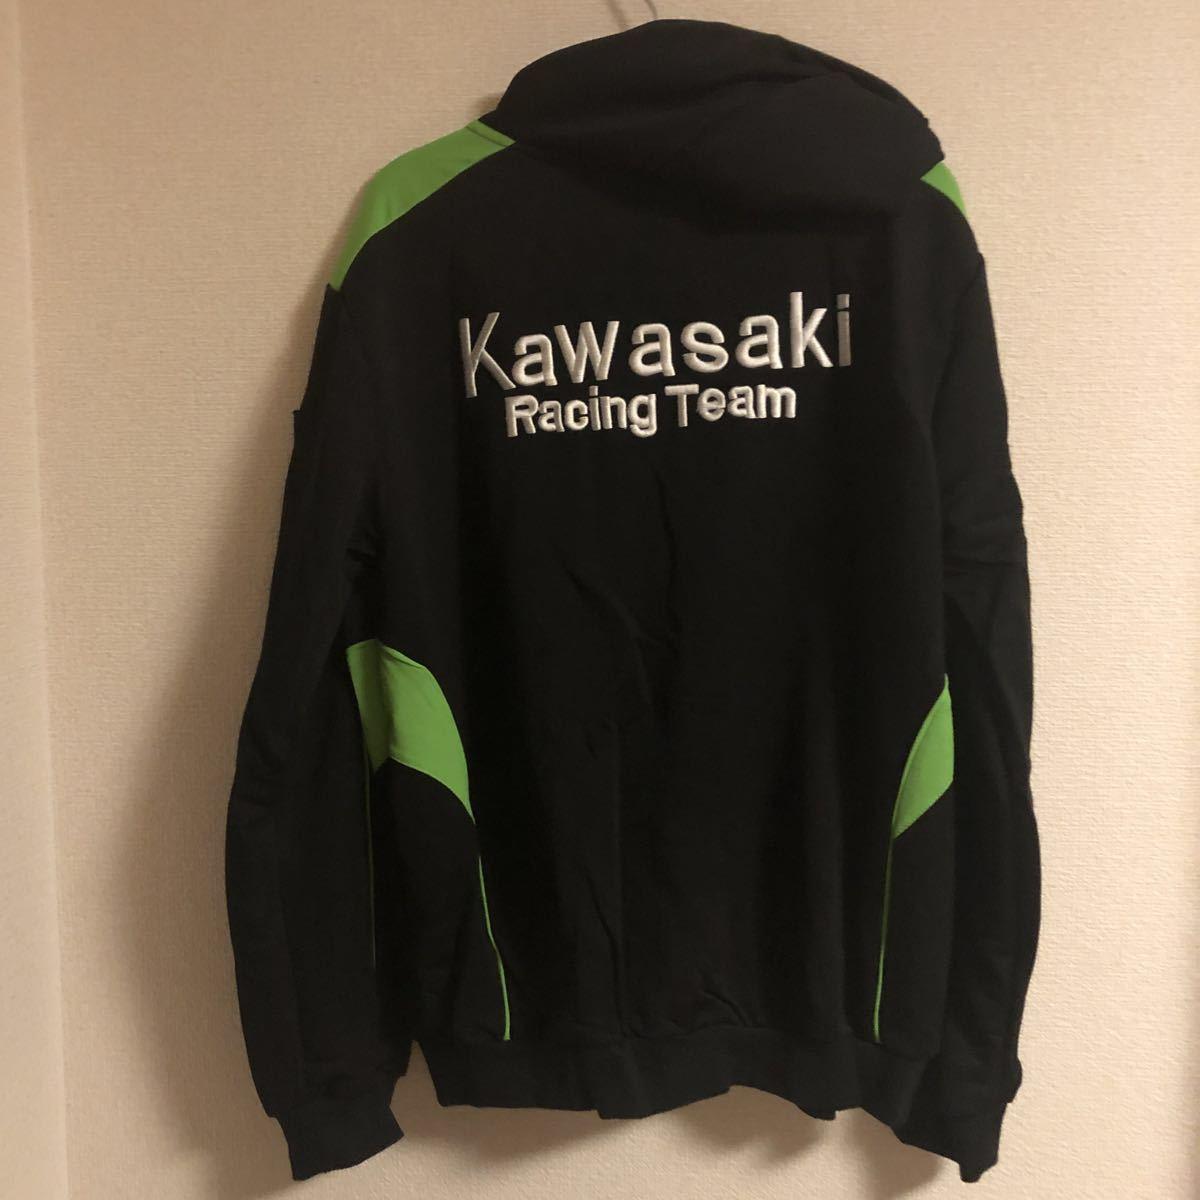 【最終値下】kawasaki racing team パーカーLサイズ 新品!_画像2